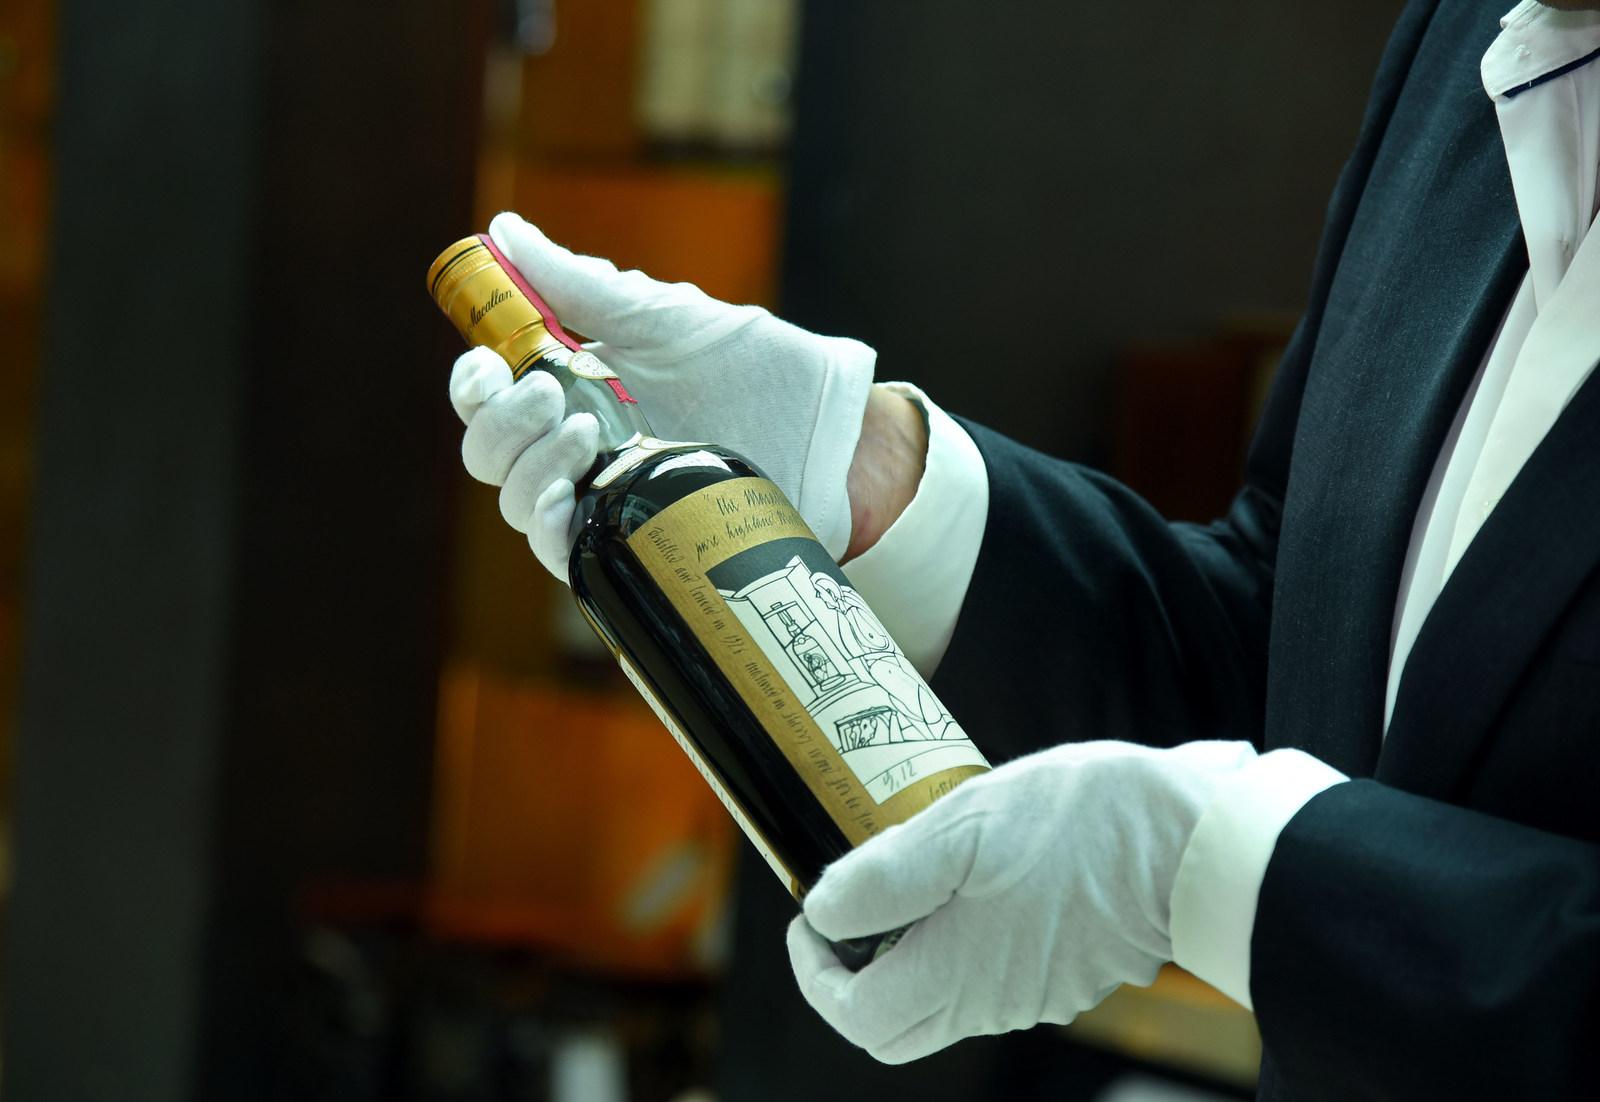 Hình ảnh Choáng váng với chai rượu quý hiếm như Chén Thánh có giá 25 tỷ đồng số 1